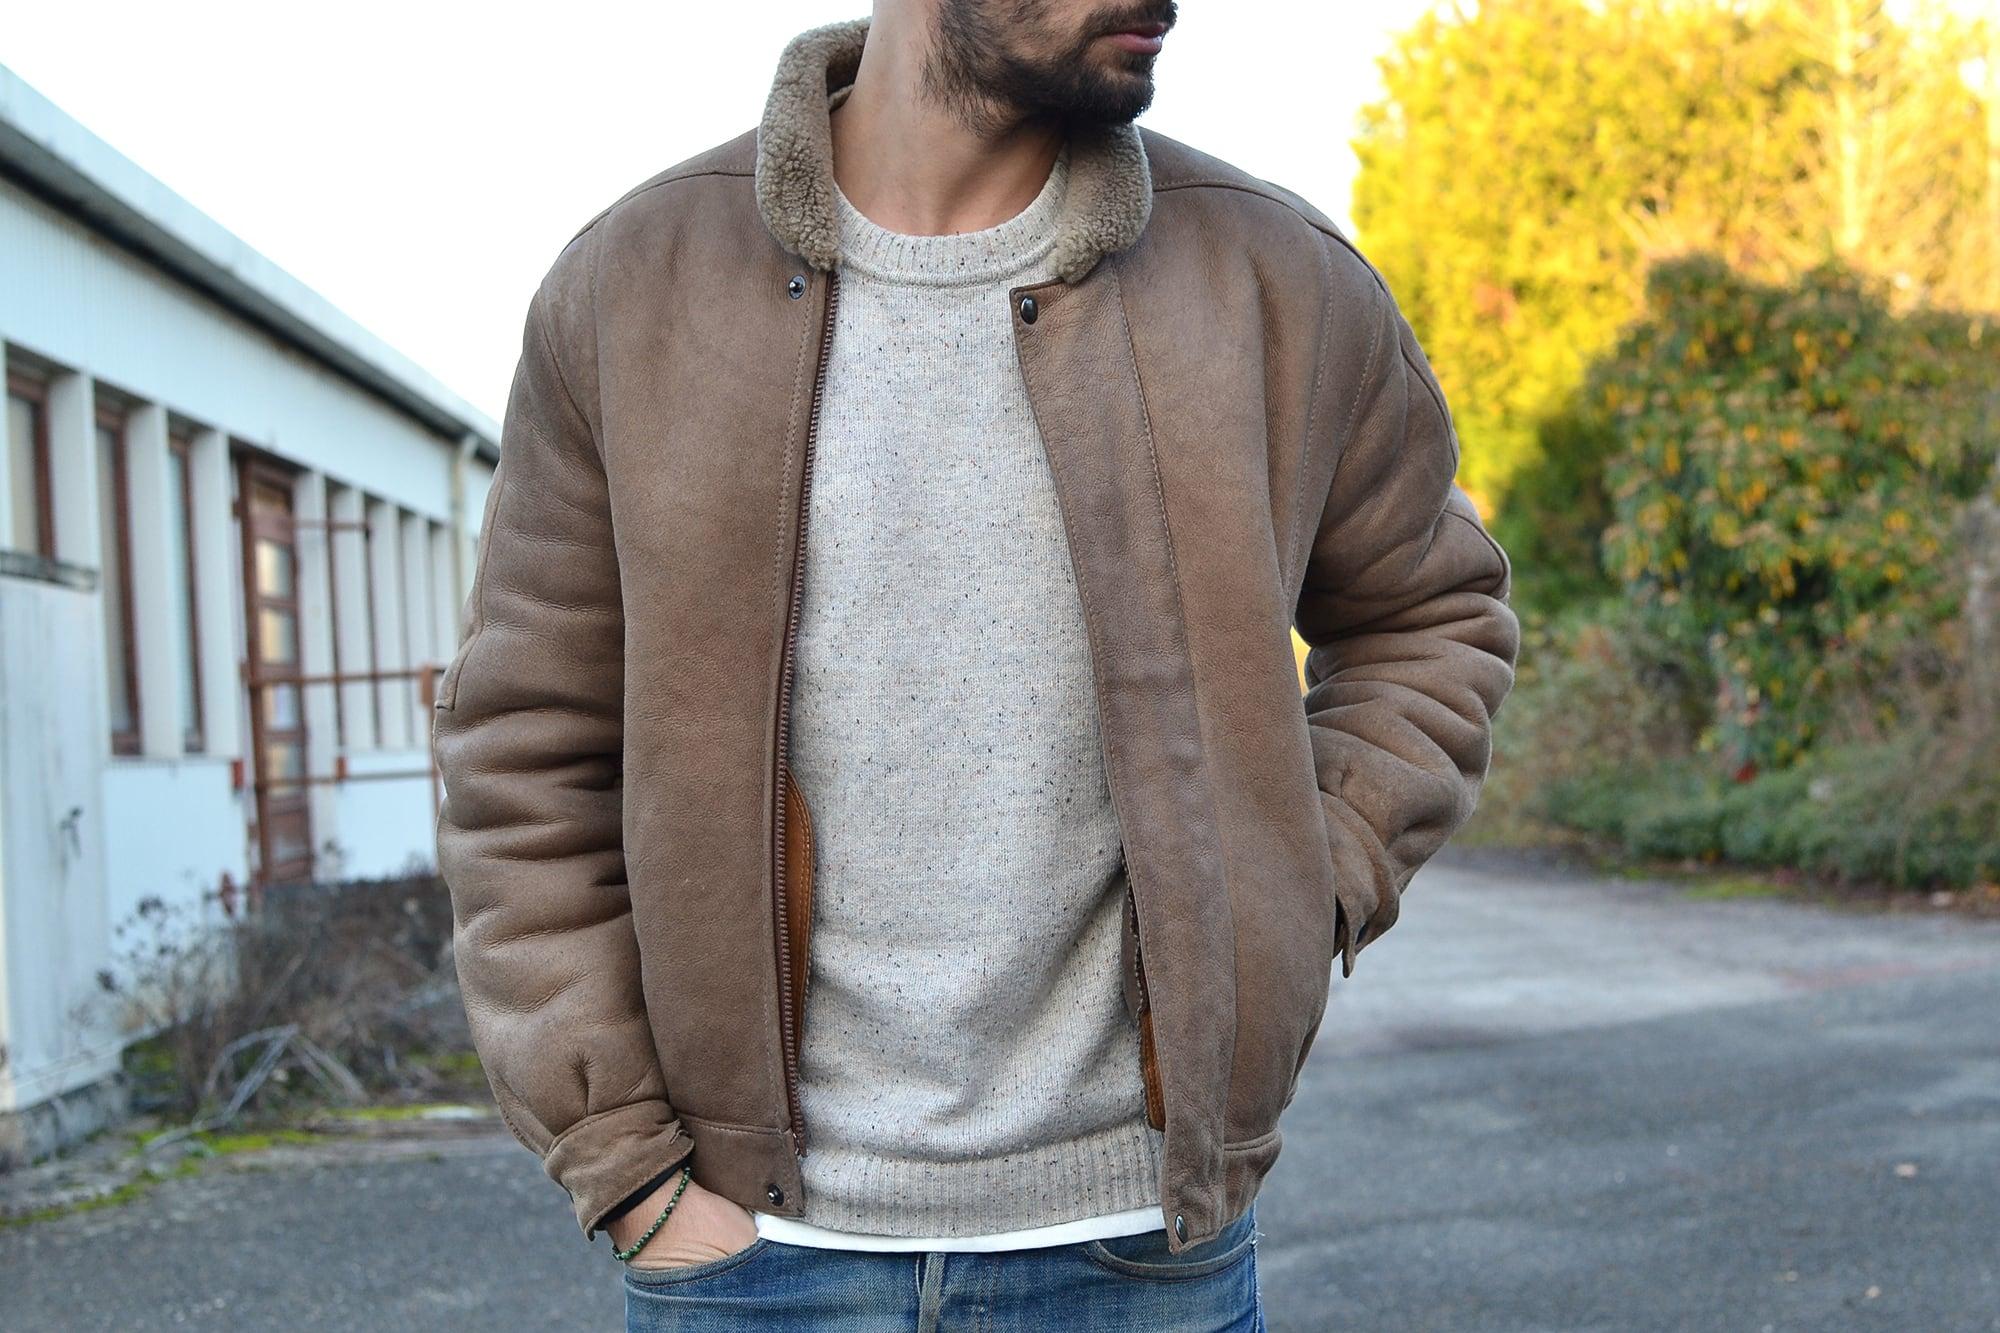 comment porter une peau lainée en street héritage